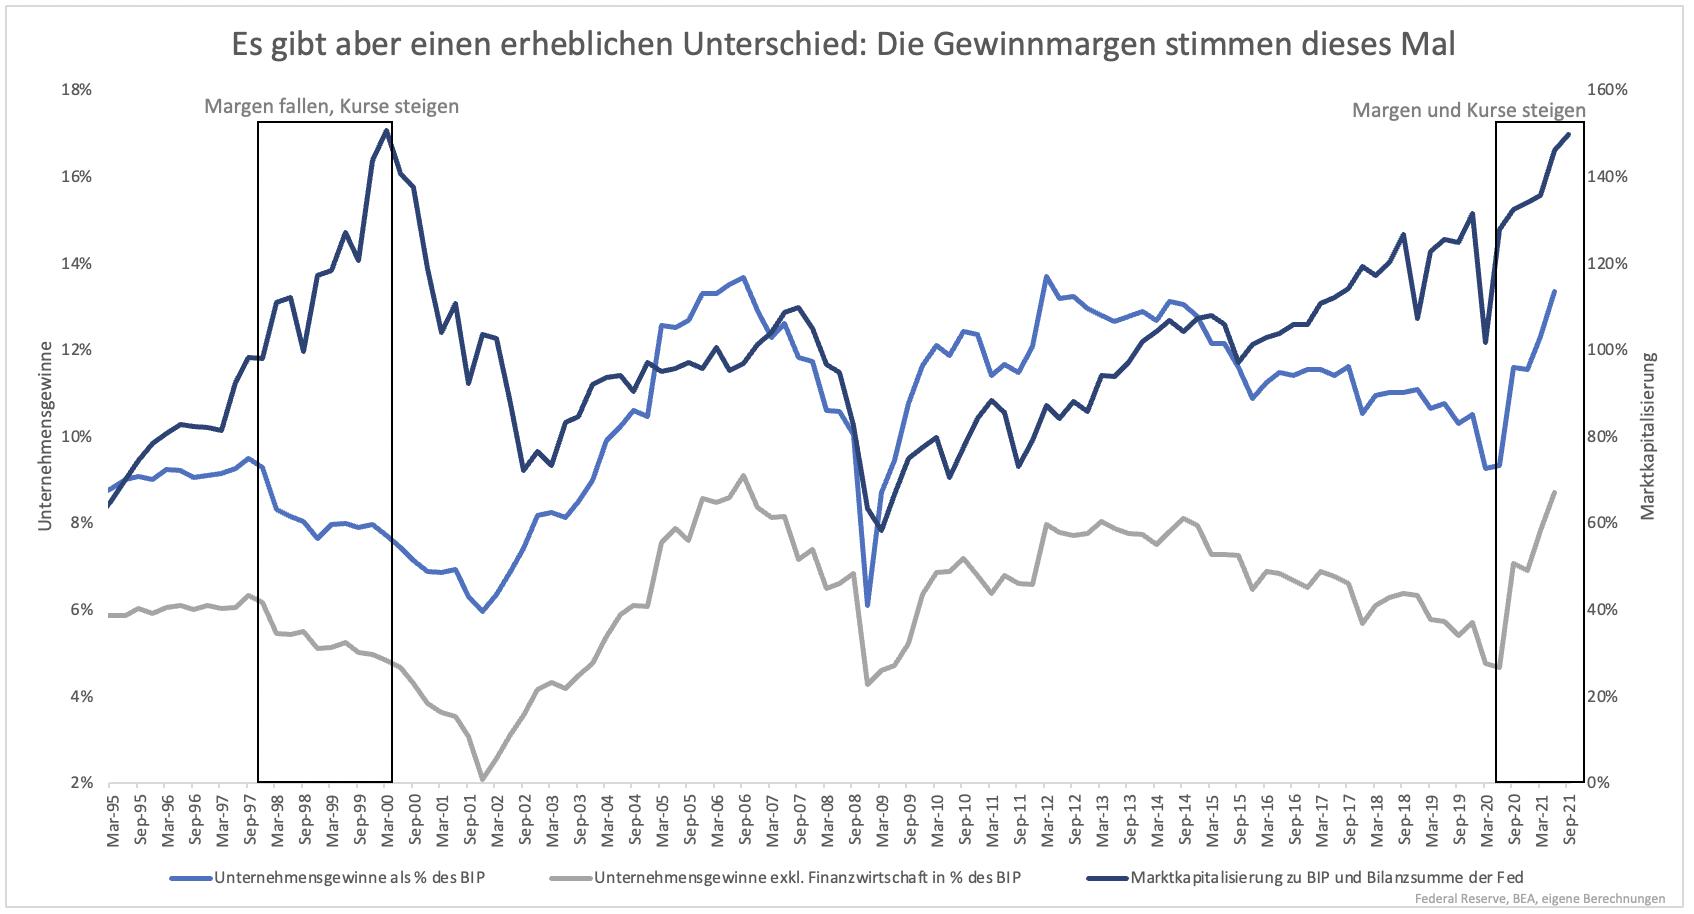 Wie-sich-der-heutige-Aktienmarkt-von-der-letzten-großen-Spekulationsblase-unterscheidet-Kommentar-Clemens-Schmale-GodmodeTrader.de-2